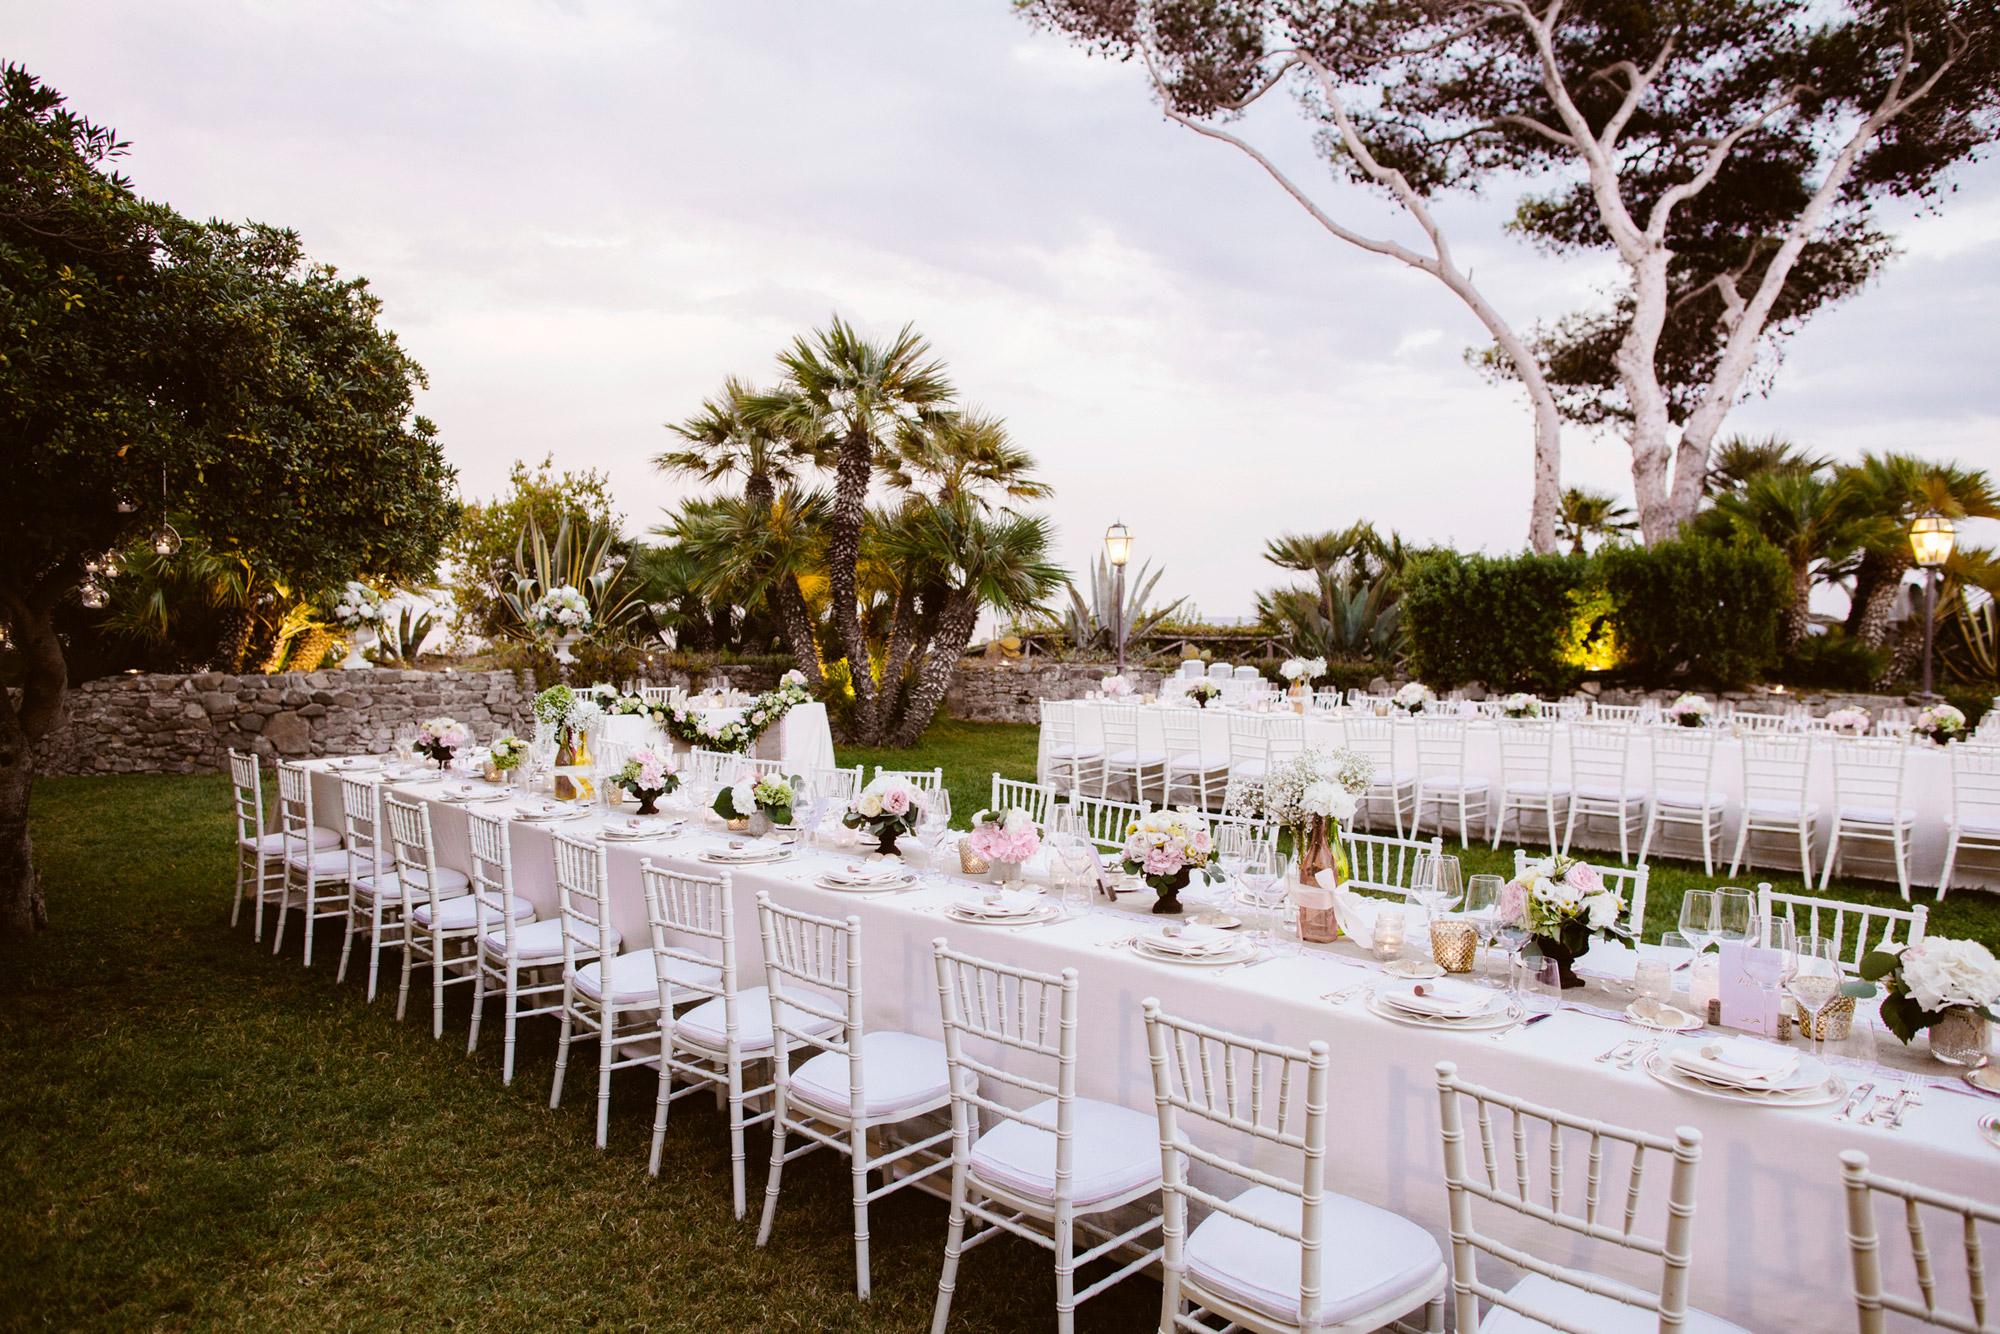 102-santamarinella-wedding-castello-odescalchi.jpg